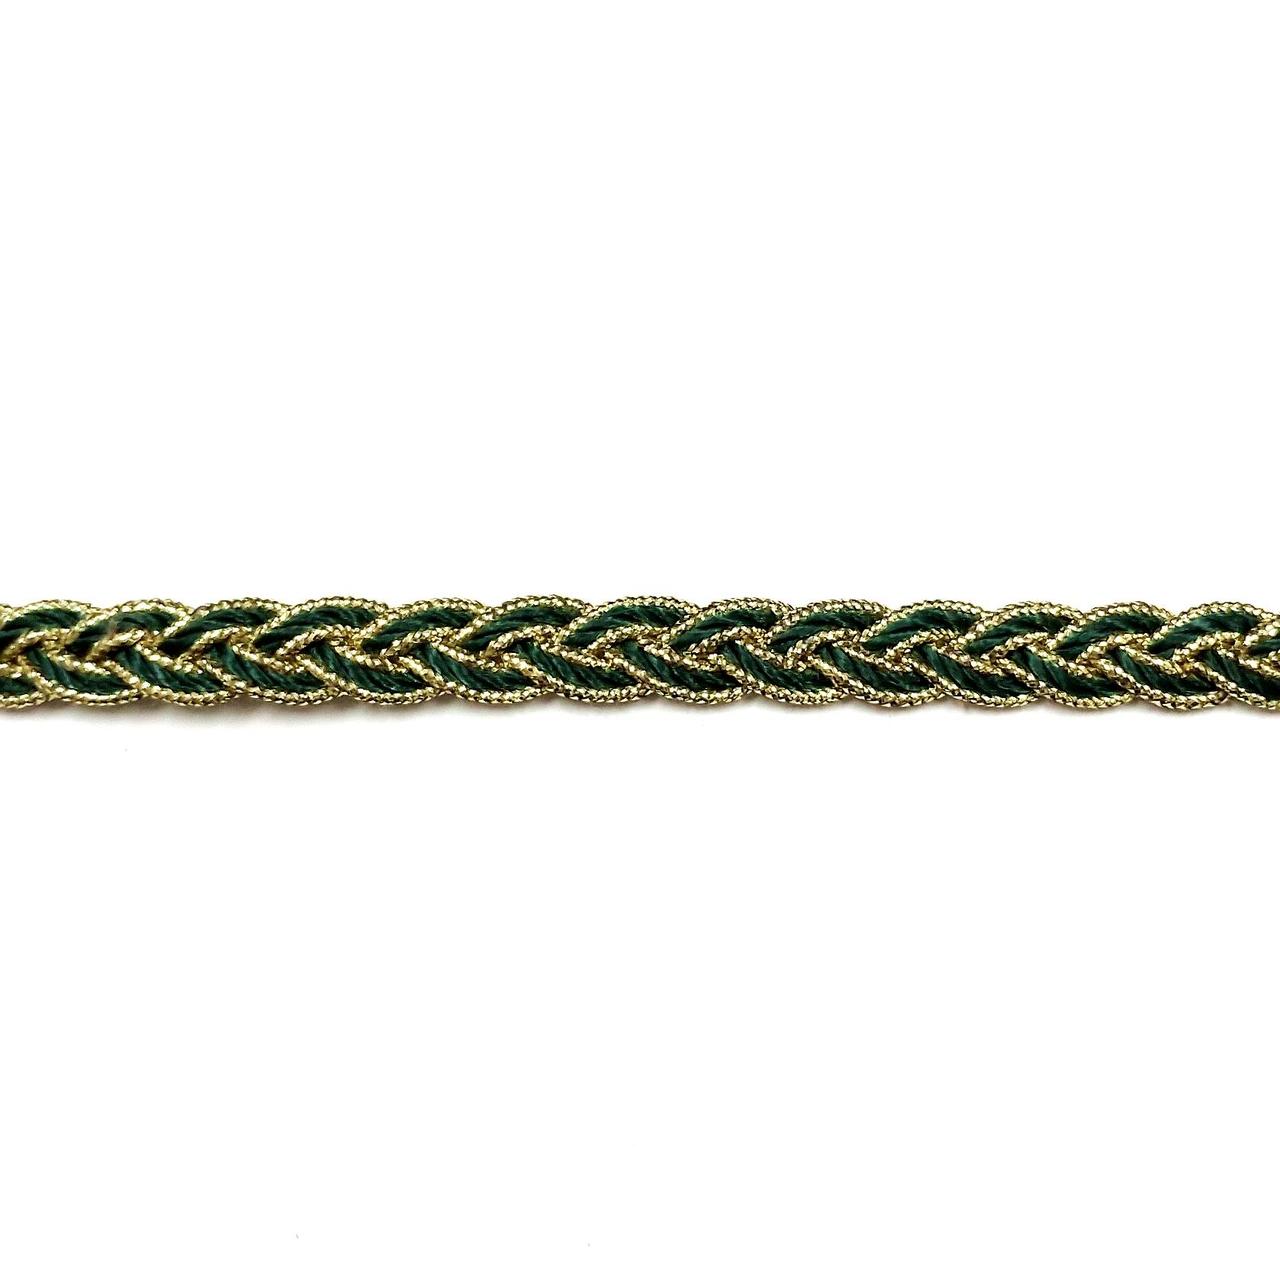 Galão Passamanaria Decorado AS3298 - 10 metros